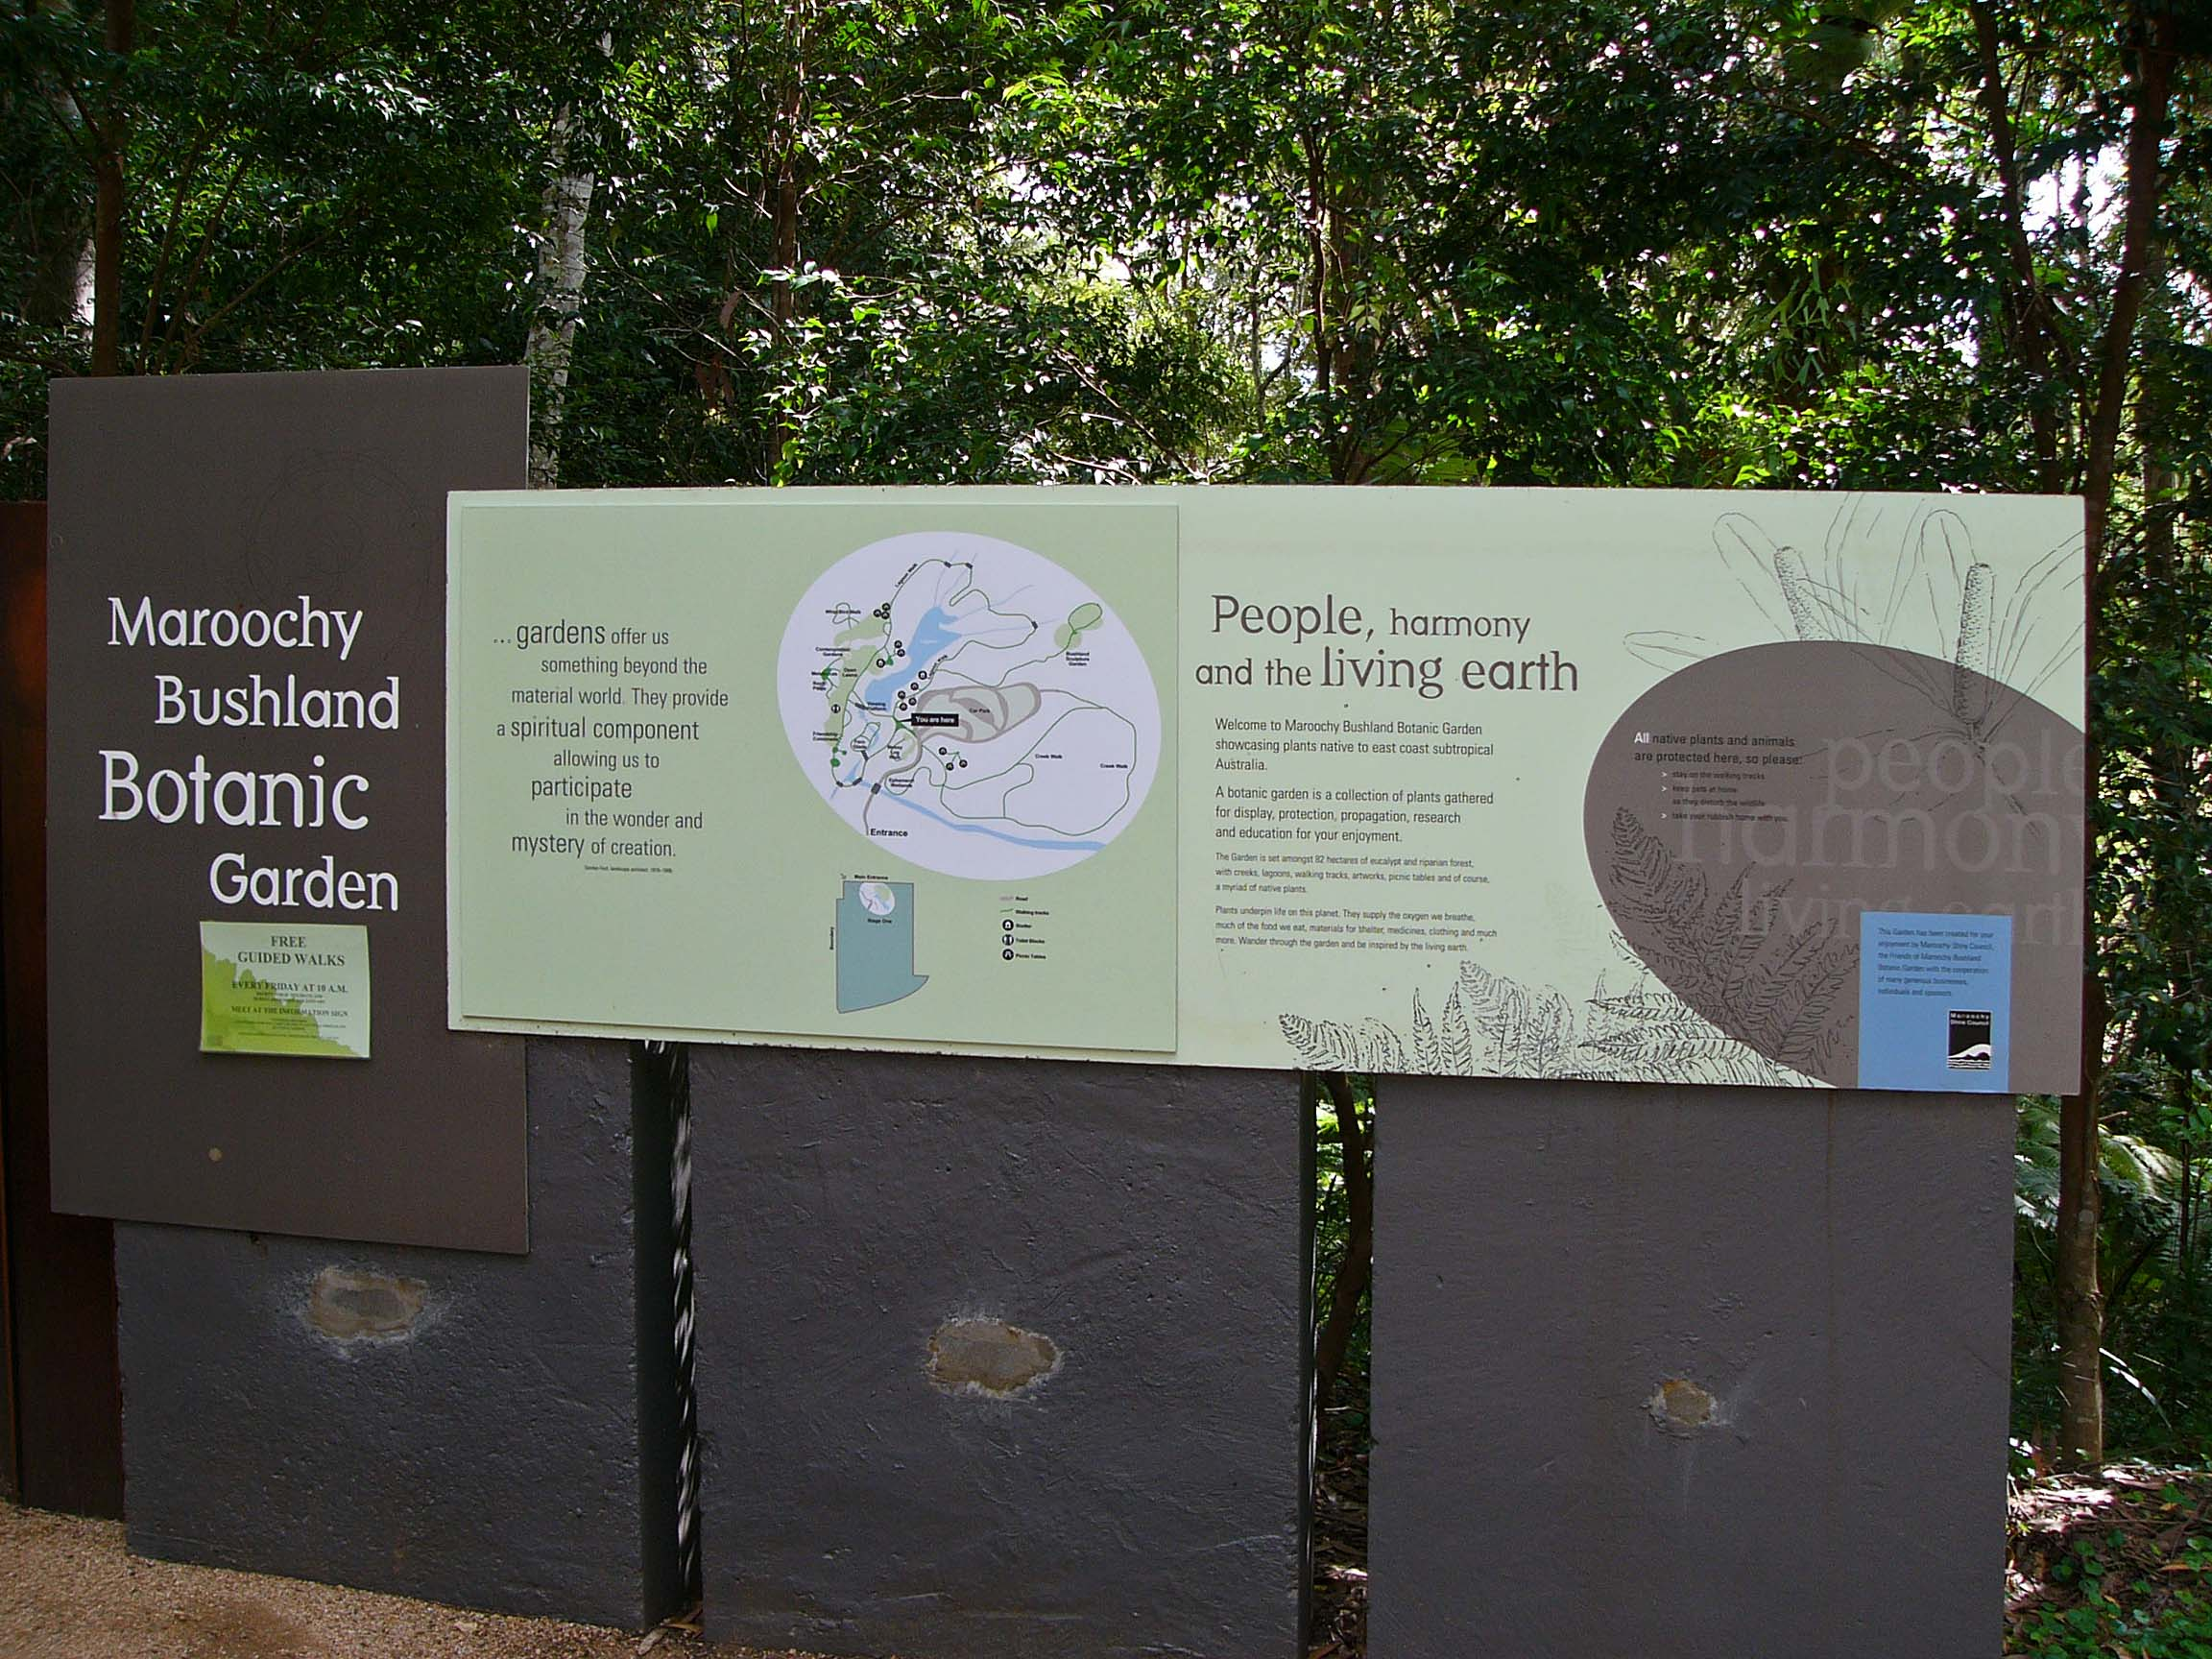 Trail Image for Maroochy Regional Bushland Botanic Garden: Mossy Log Walk